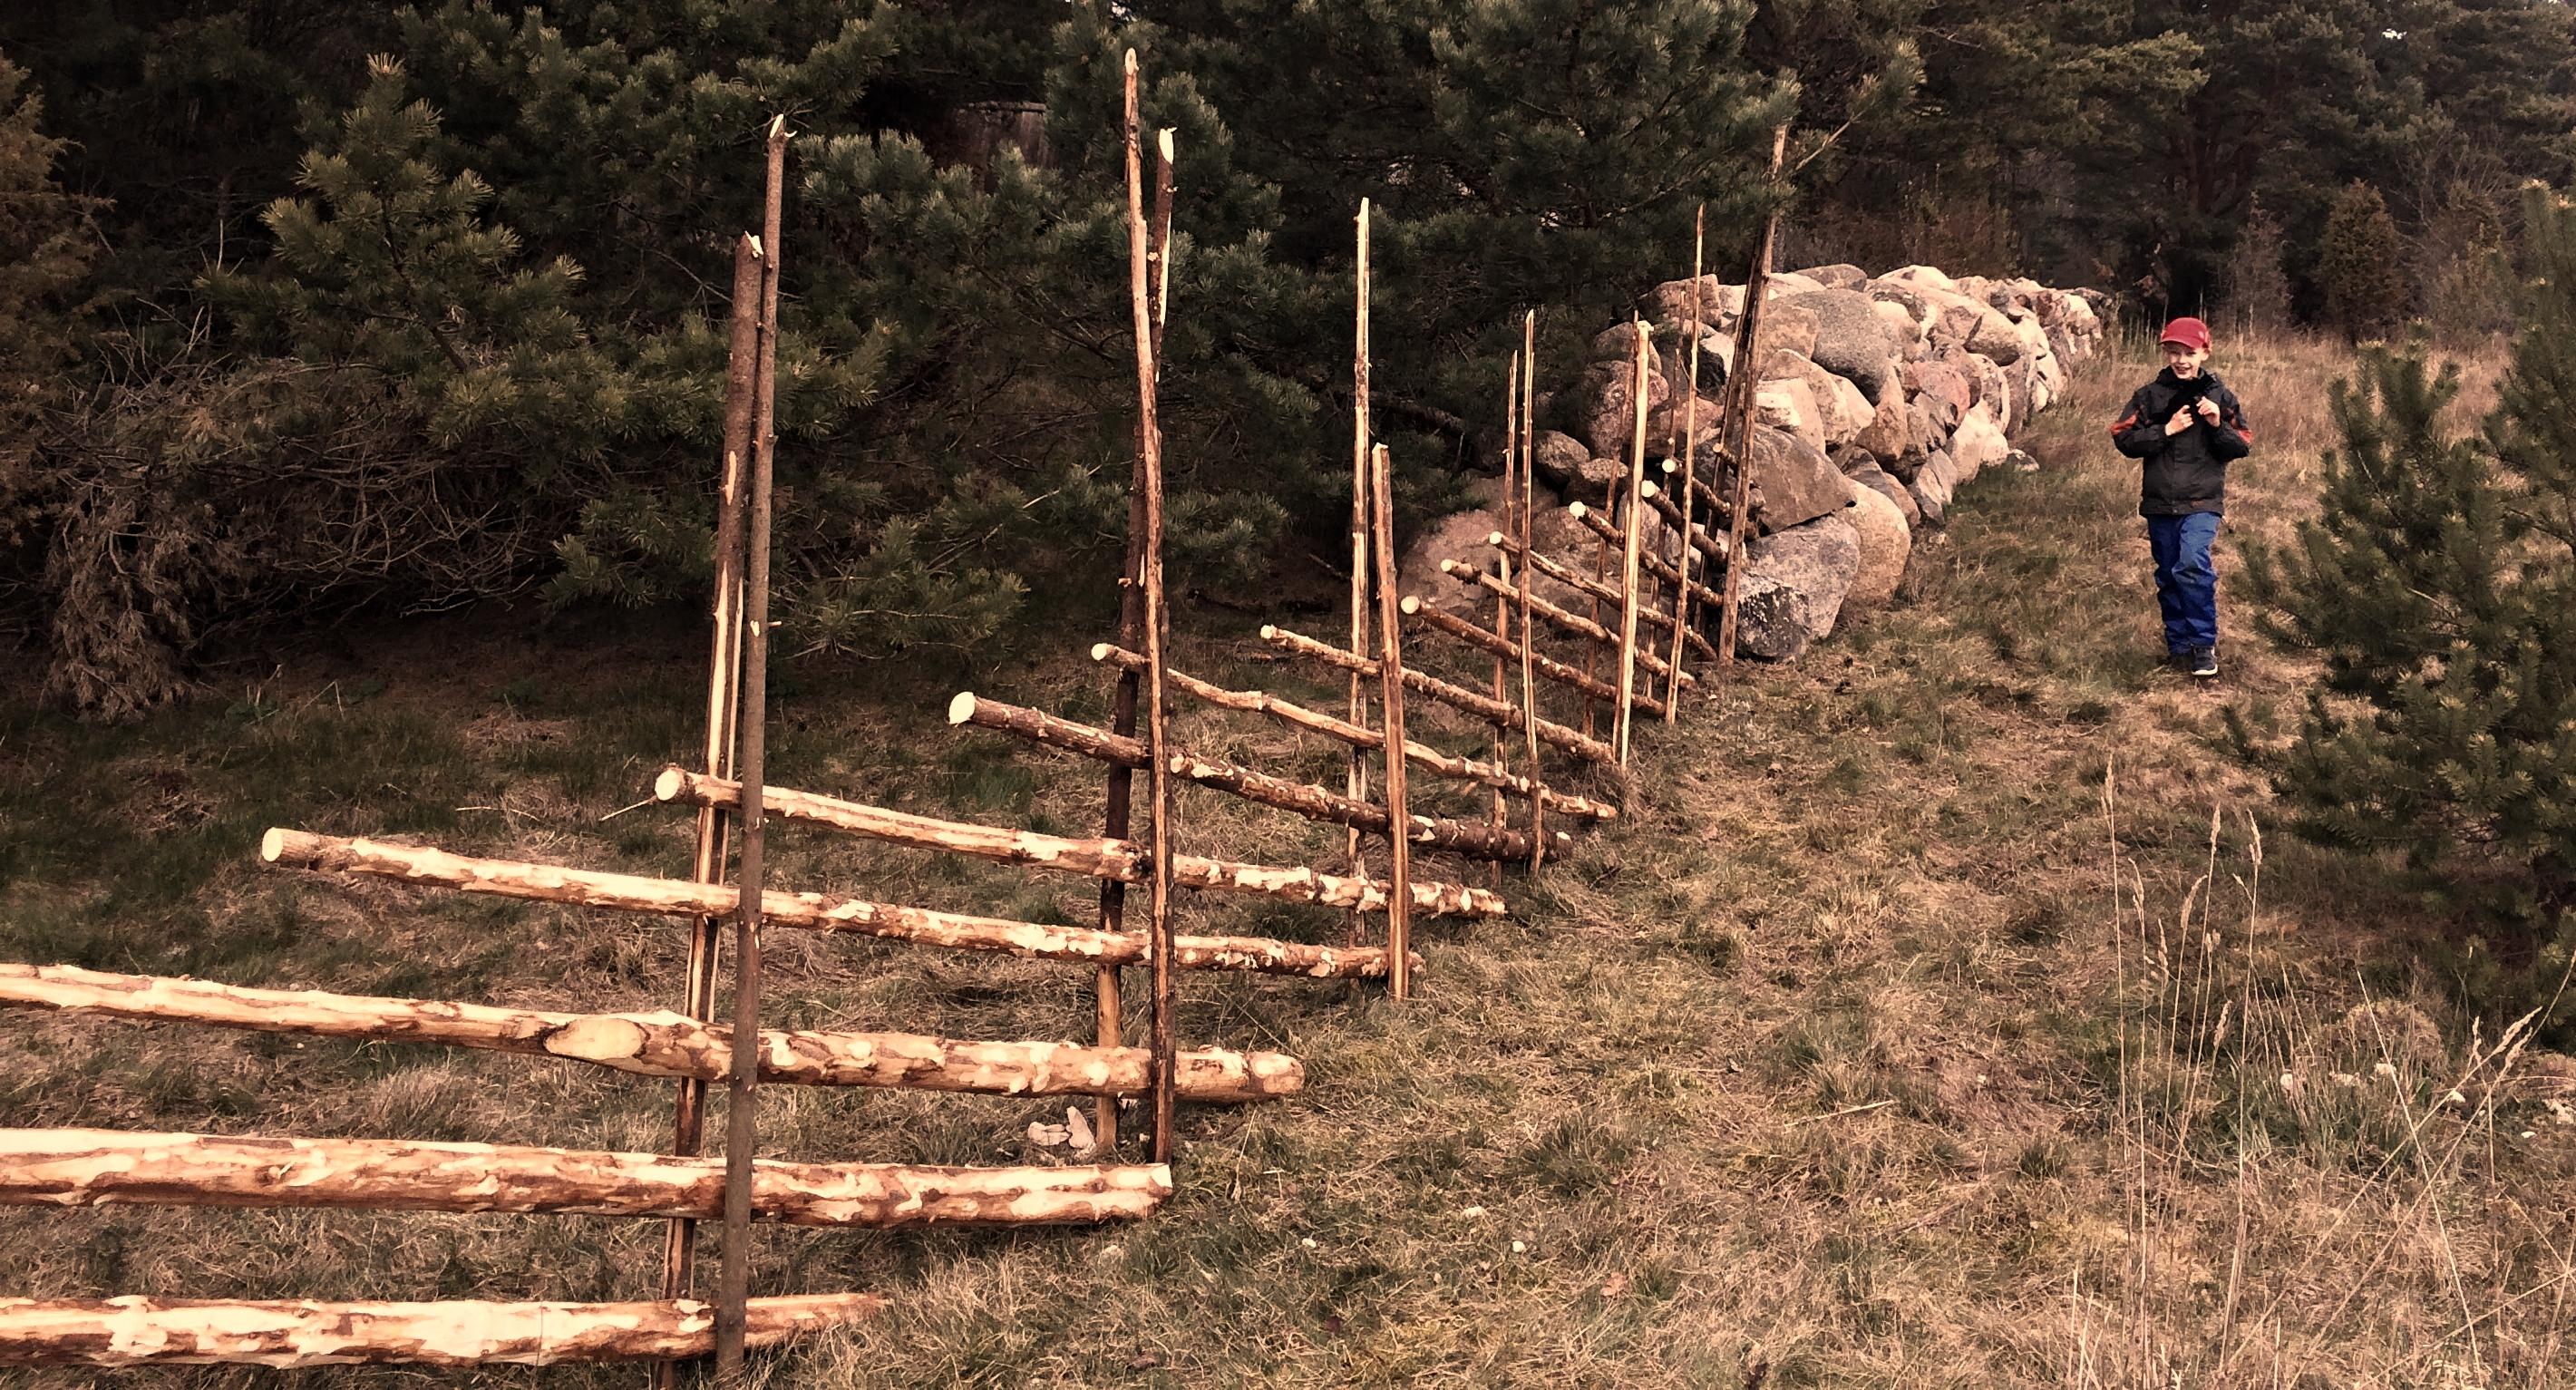 korendusaed, aed, traditsiooniline käsitöö, eesti traditsioonid, eesti ajalugu, käsitöö